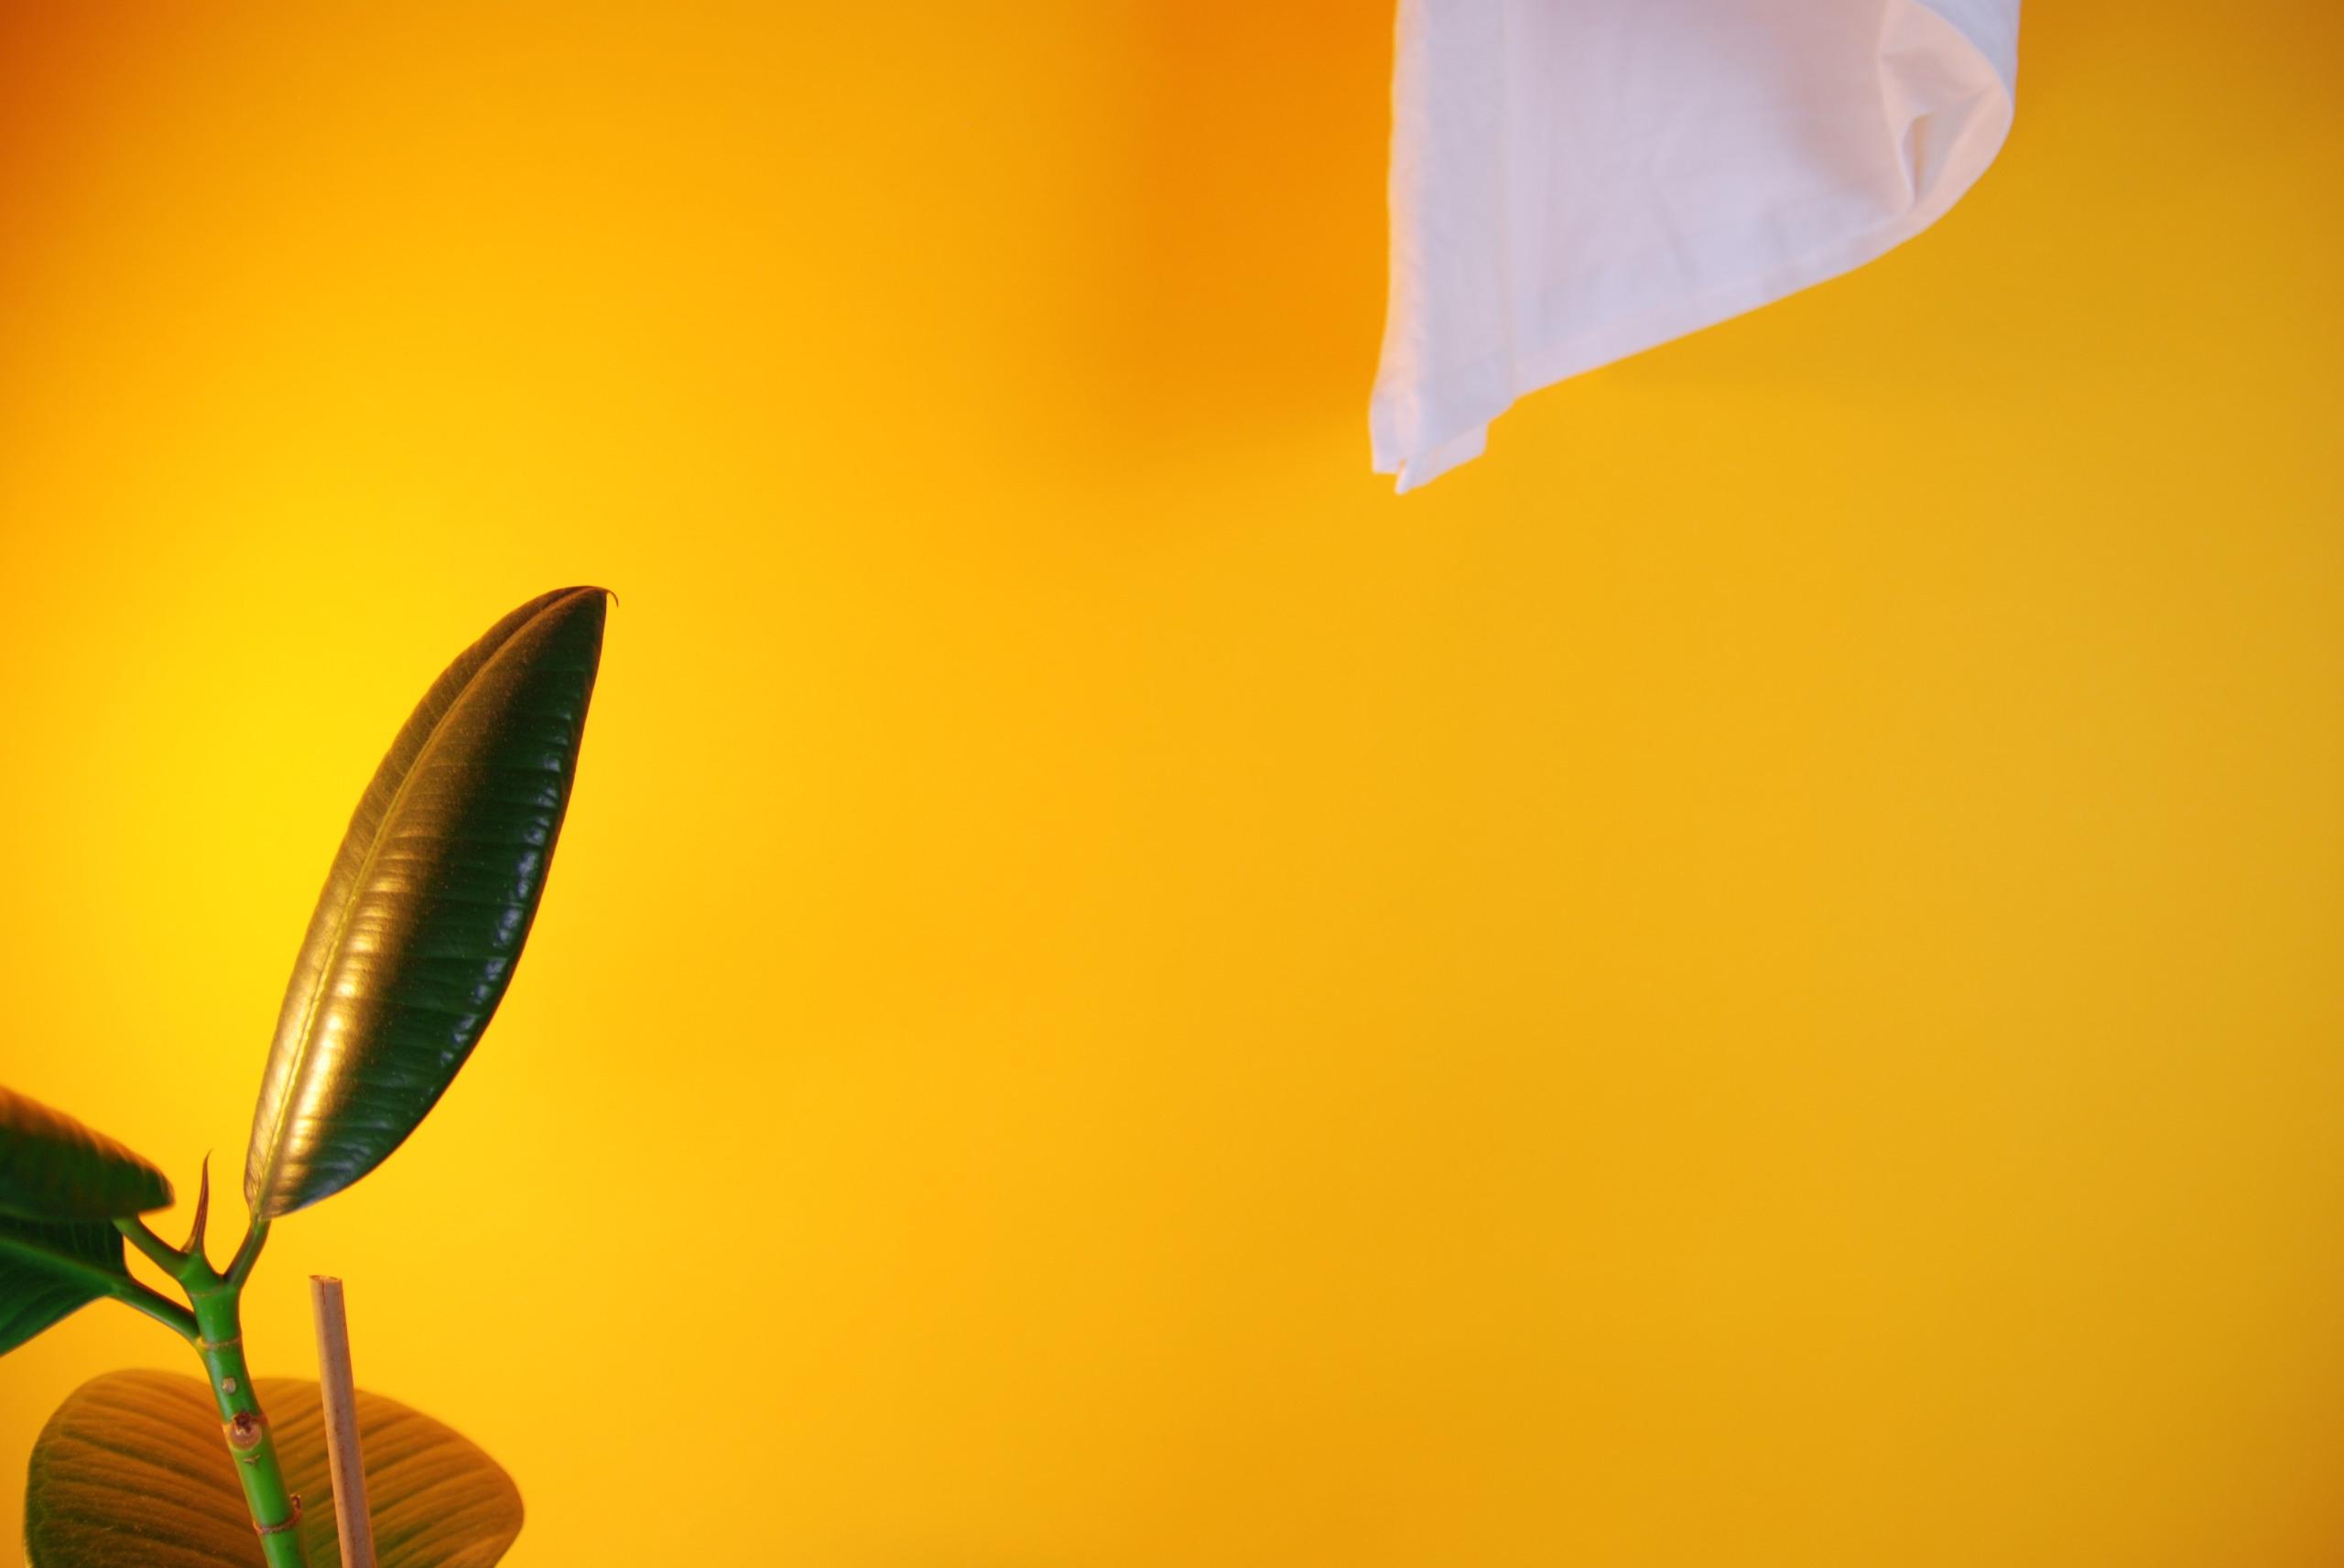 Zdjęcie przedstawia żółte tło, z lewej strony widać kawałek rośliny, a w prawym górnym rogu kawałek białej tkaniny.